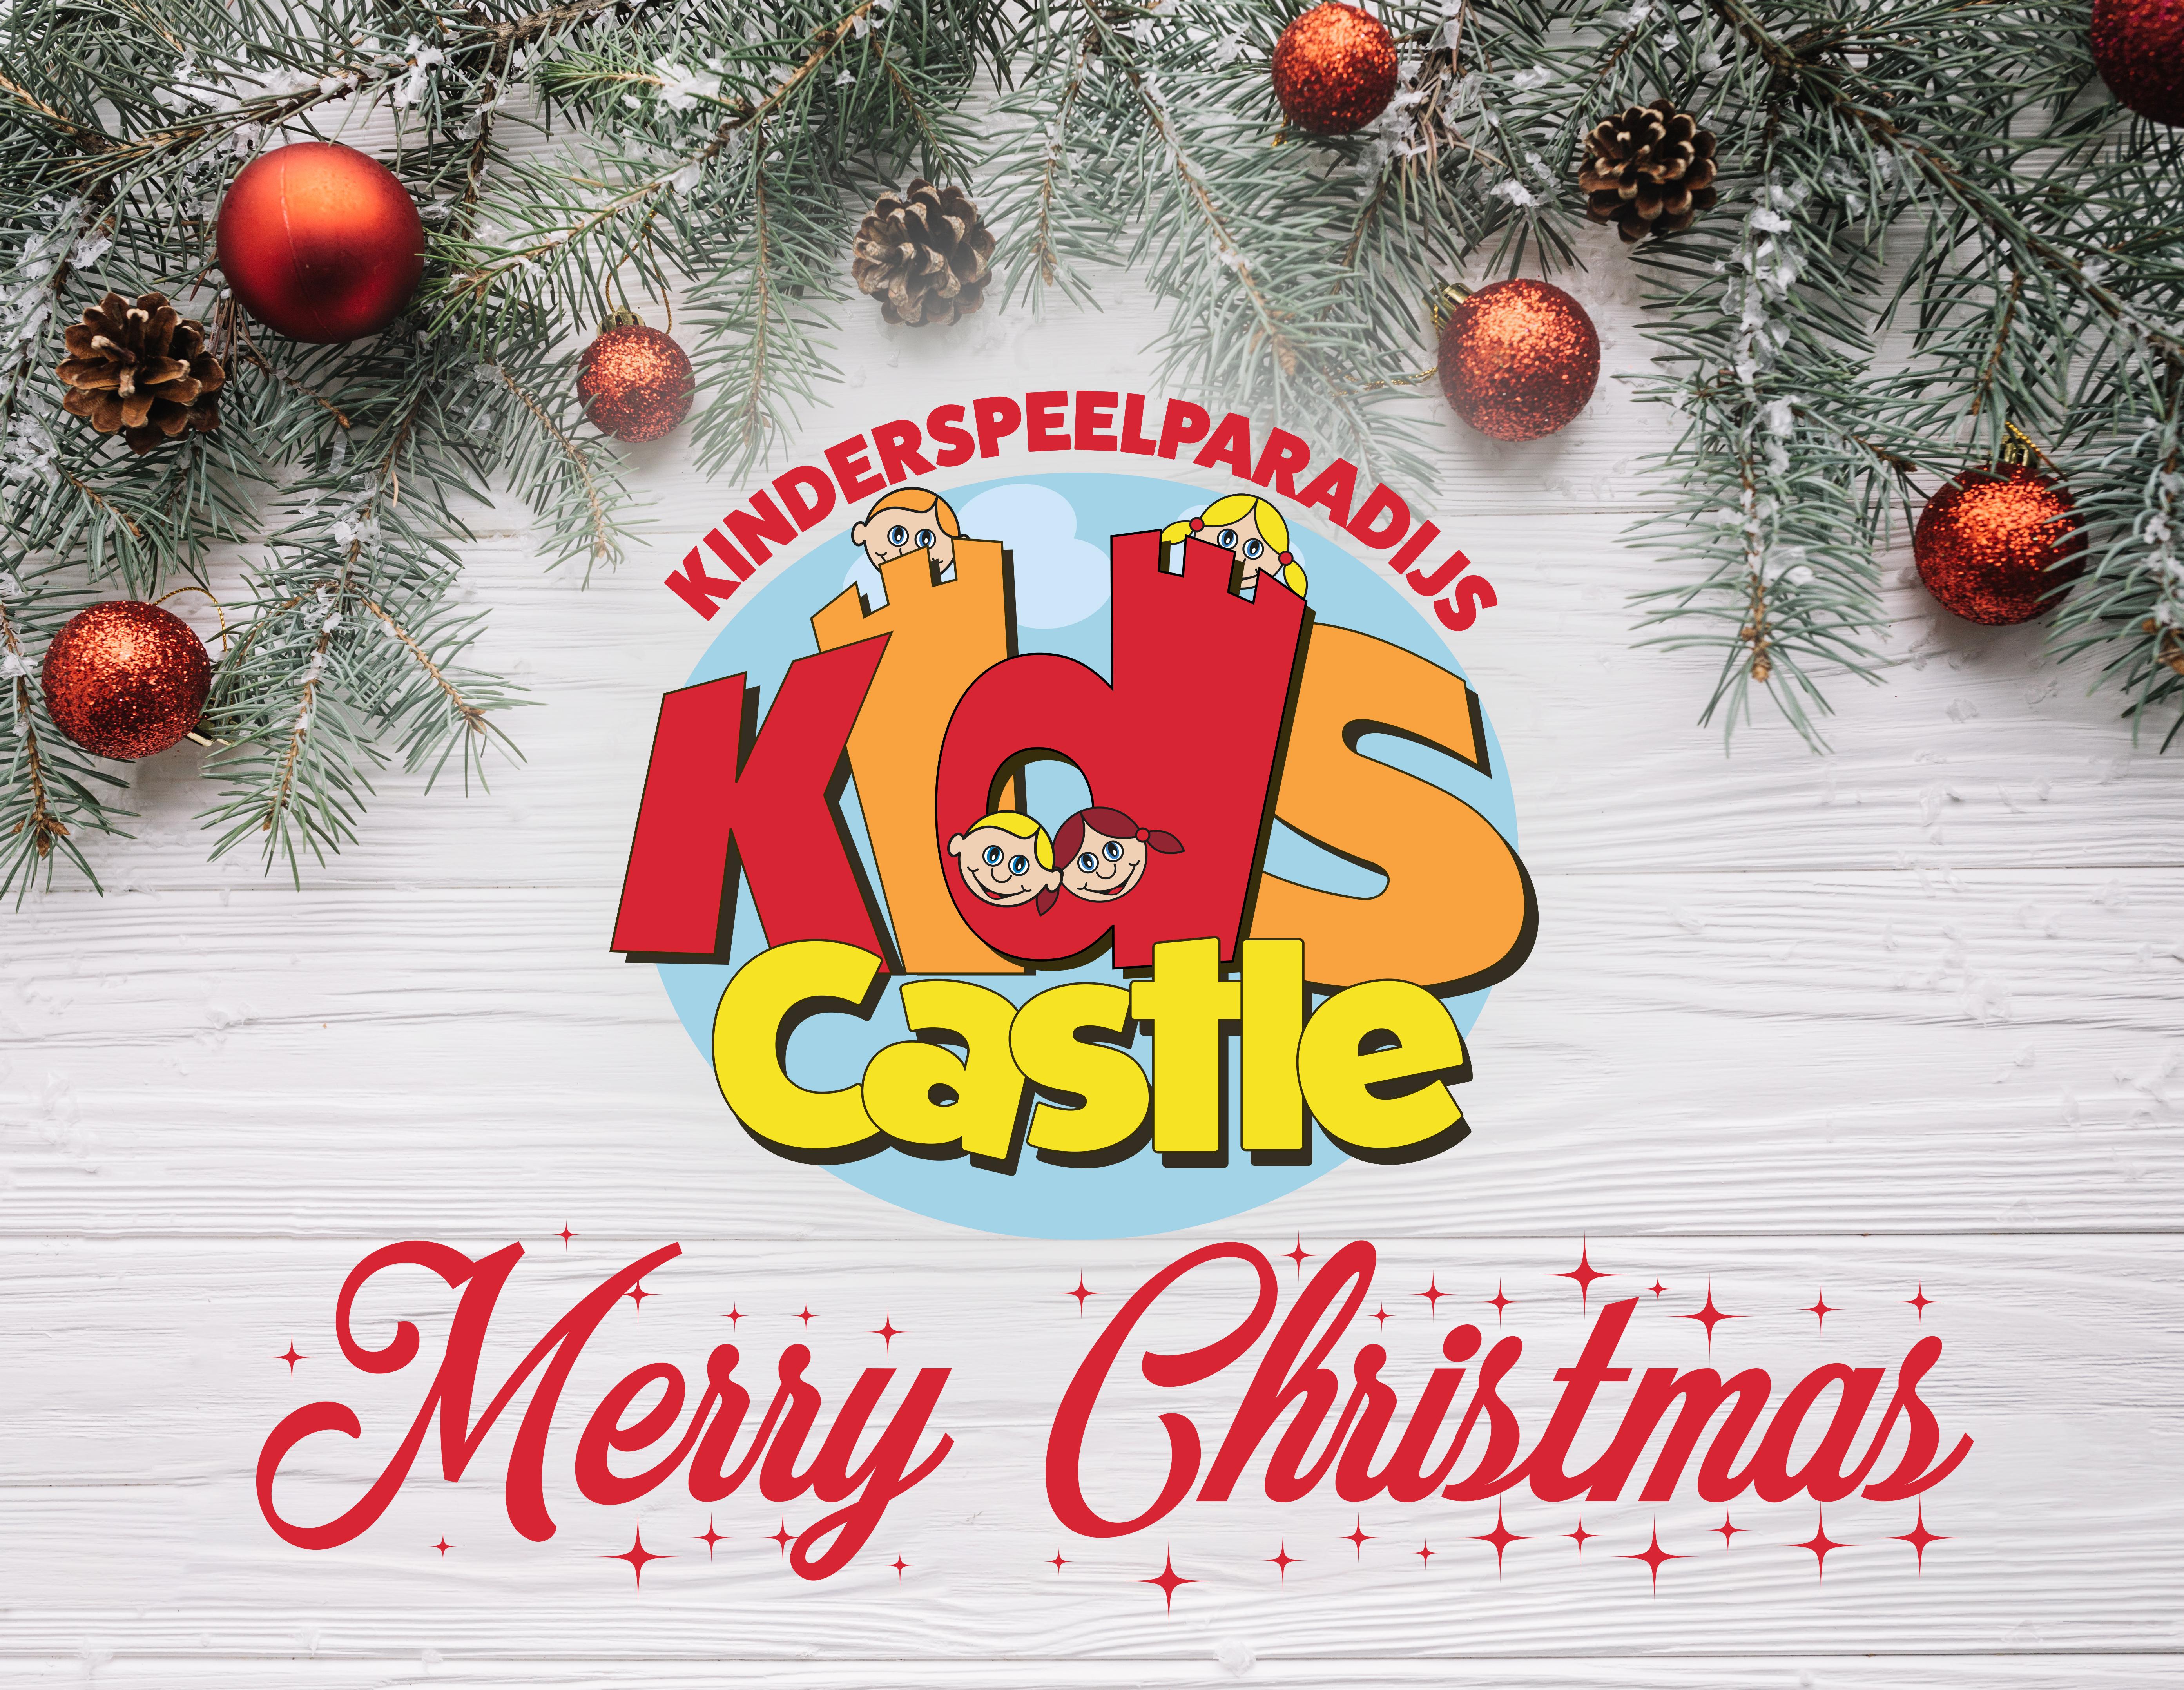 kerstplaatje kids castle